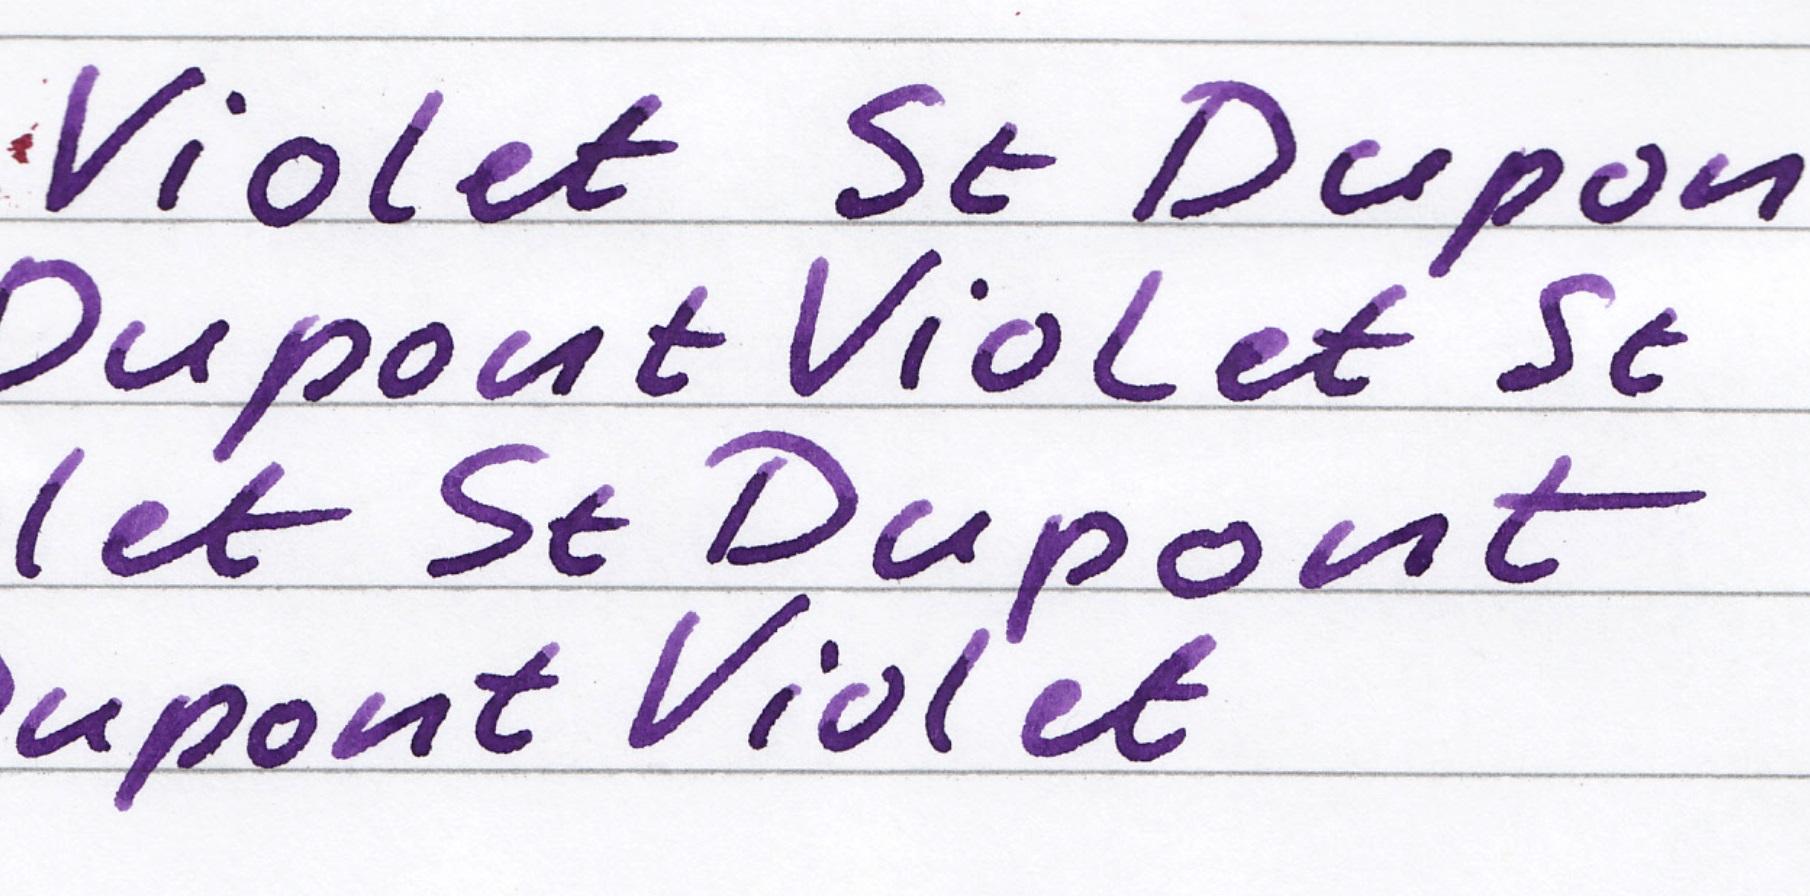 fpn_1455051625__violet_stdupont_lyreco_3